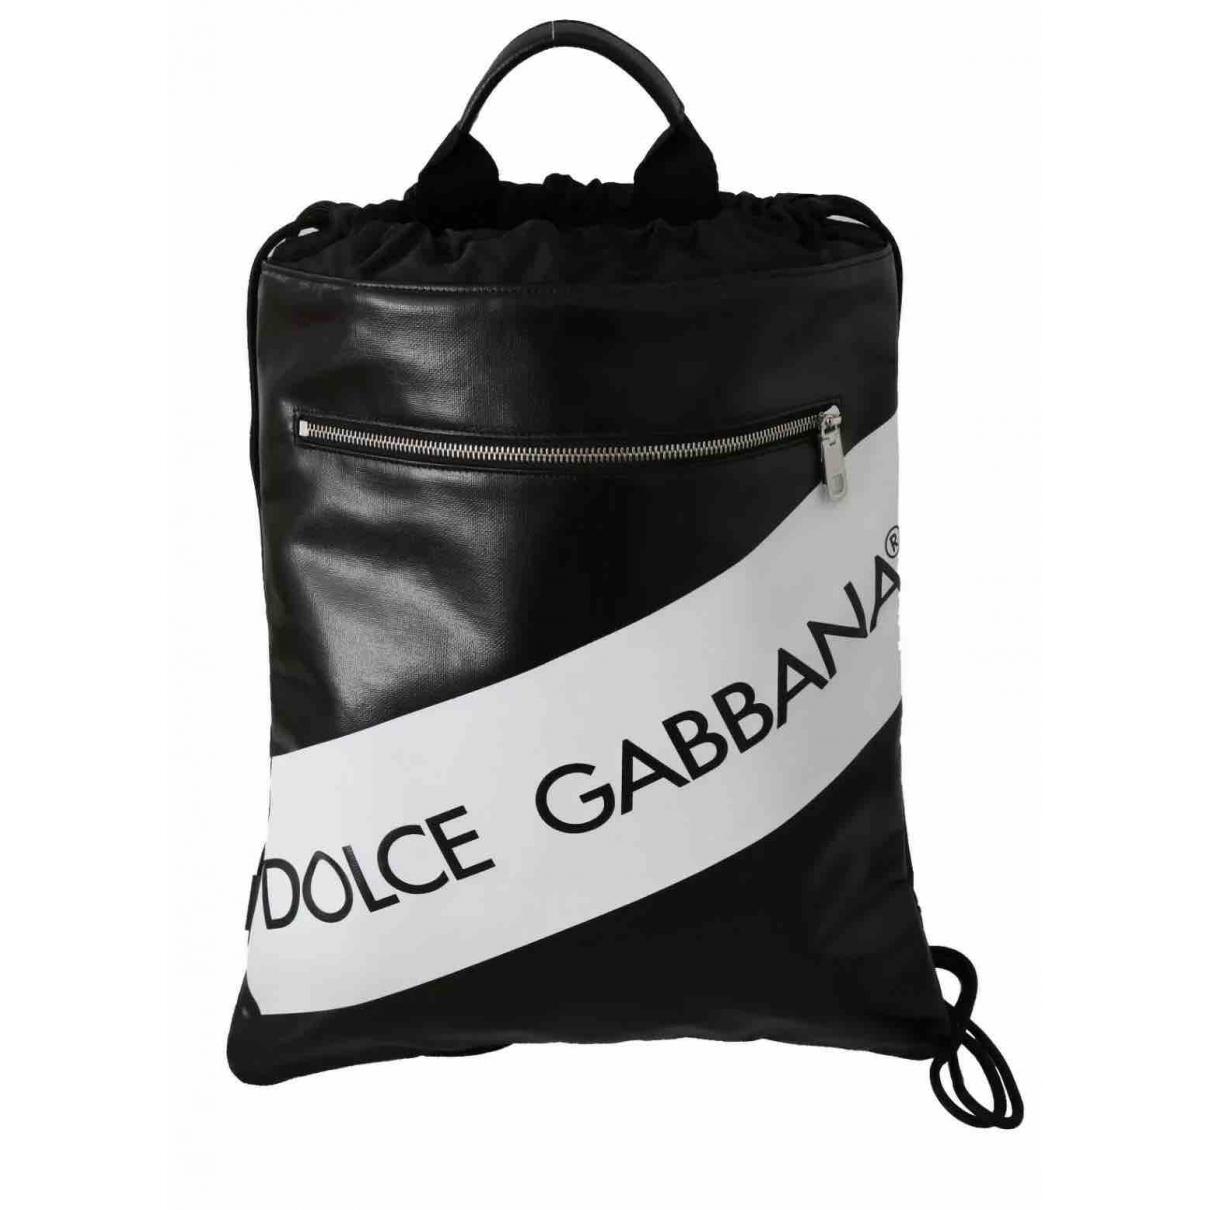 Dolce & Gabbana - Sac   pour homme en toile - noir